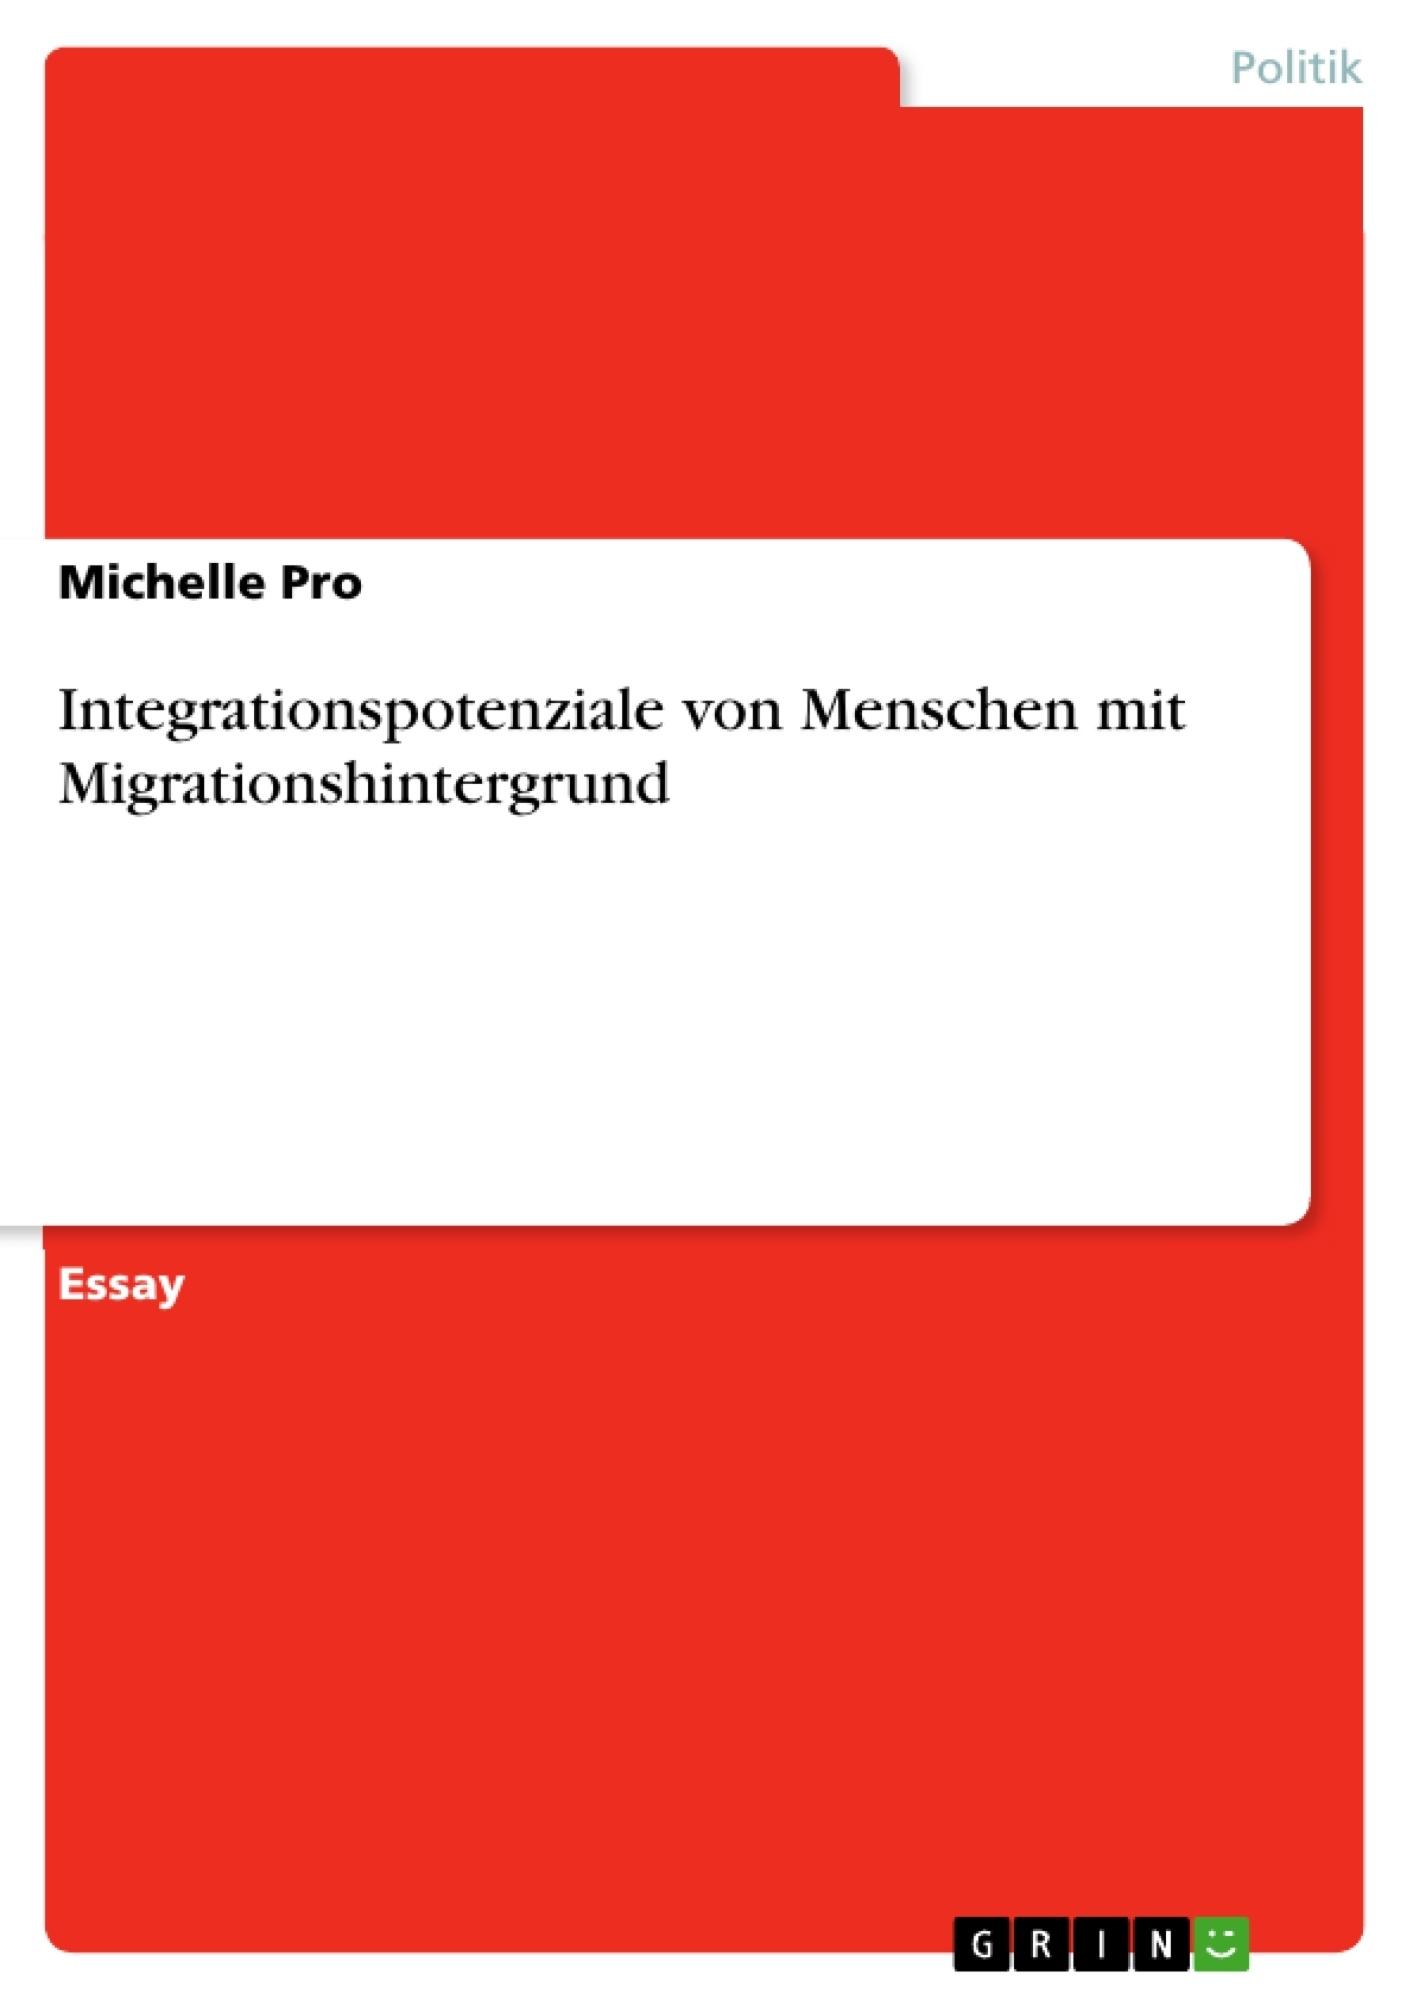 Titel: Integrationspotenziale von Menschen mit Migrationshintergrund